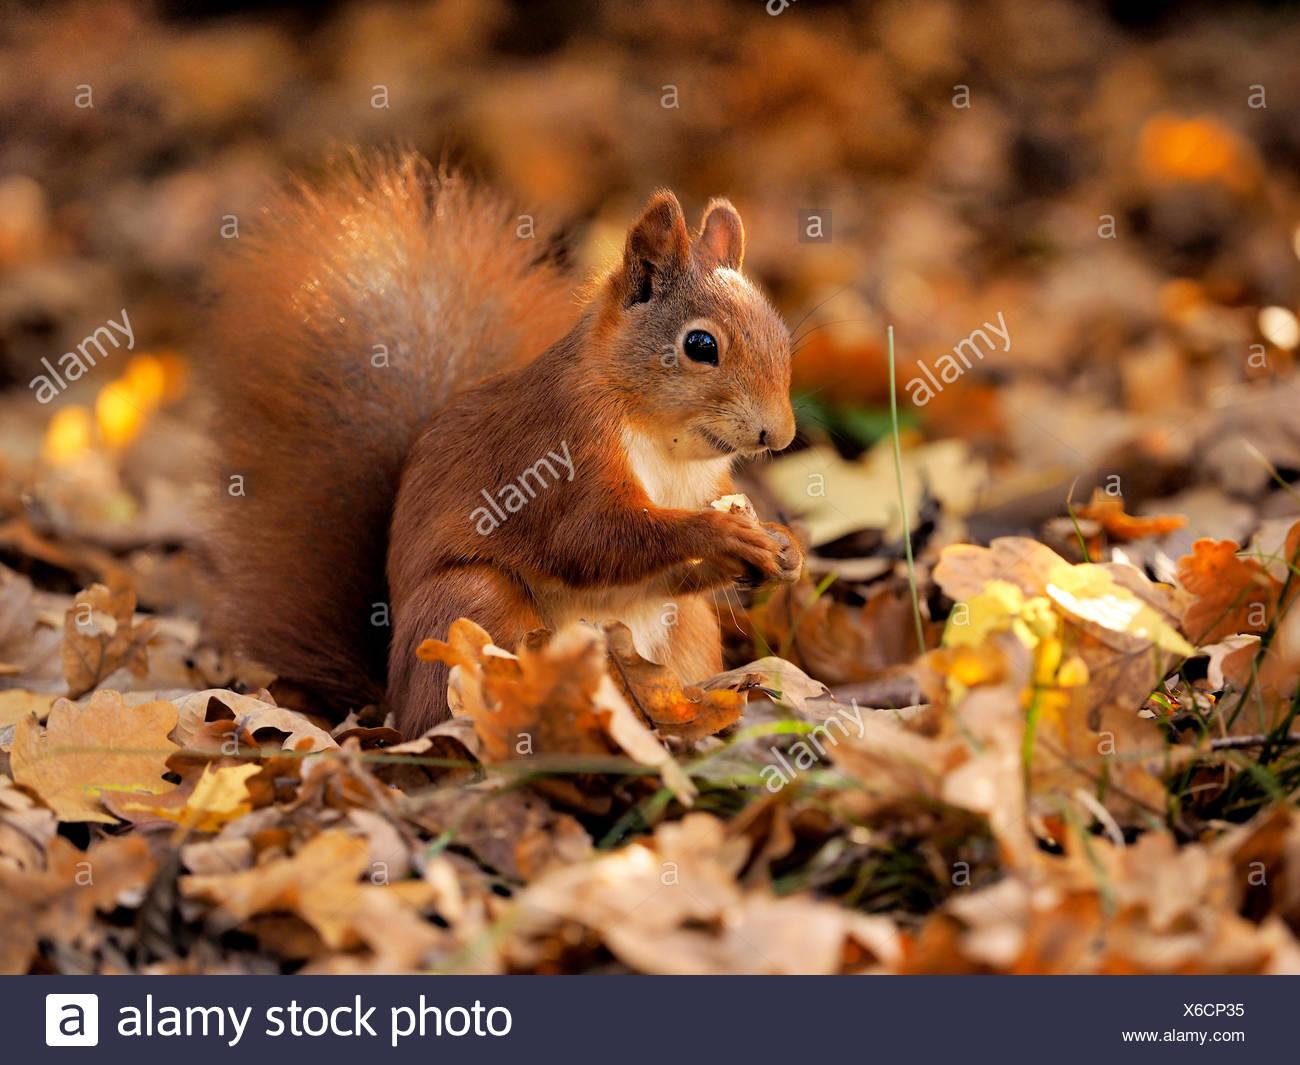 L'écureuil roux européen eurasien, l'écureuil roux (Sciurus vulgaris), assis sur le feuillage de l'automne et l'alimentation, de l'Allemagne, la Saxe Photo Stock